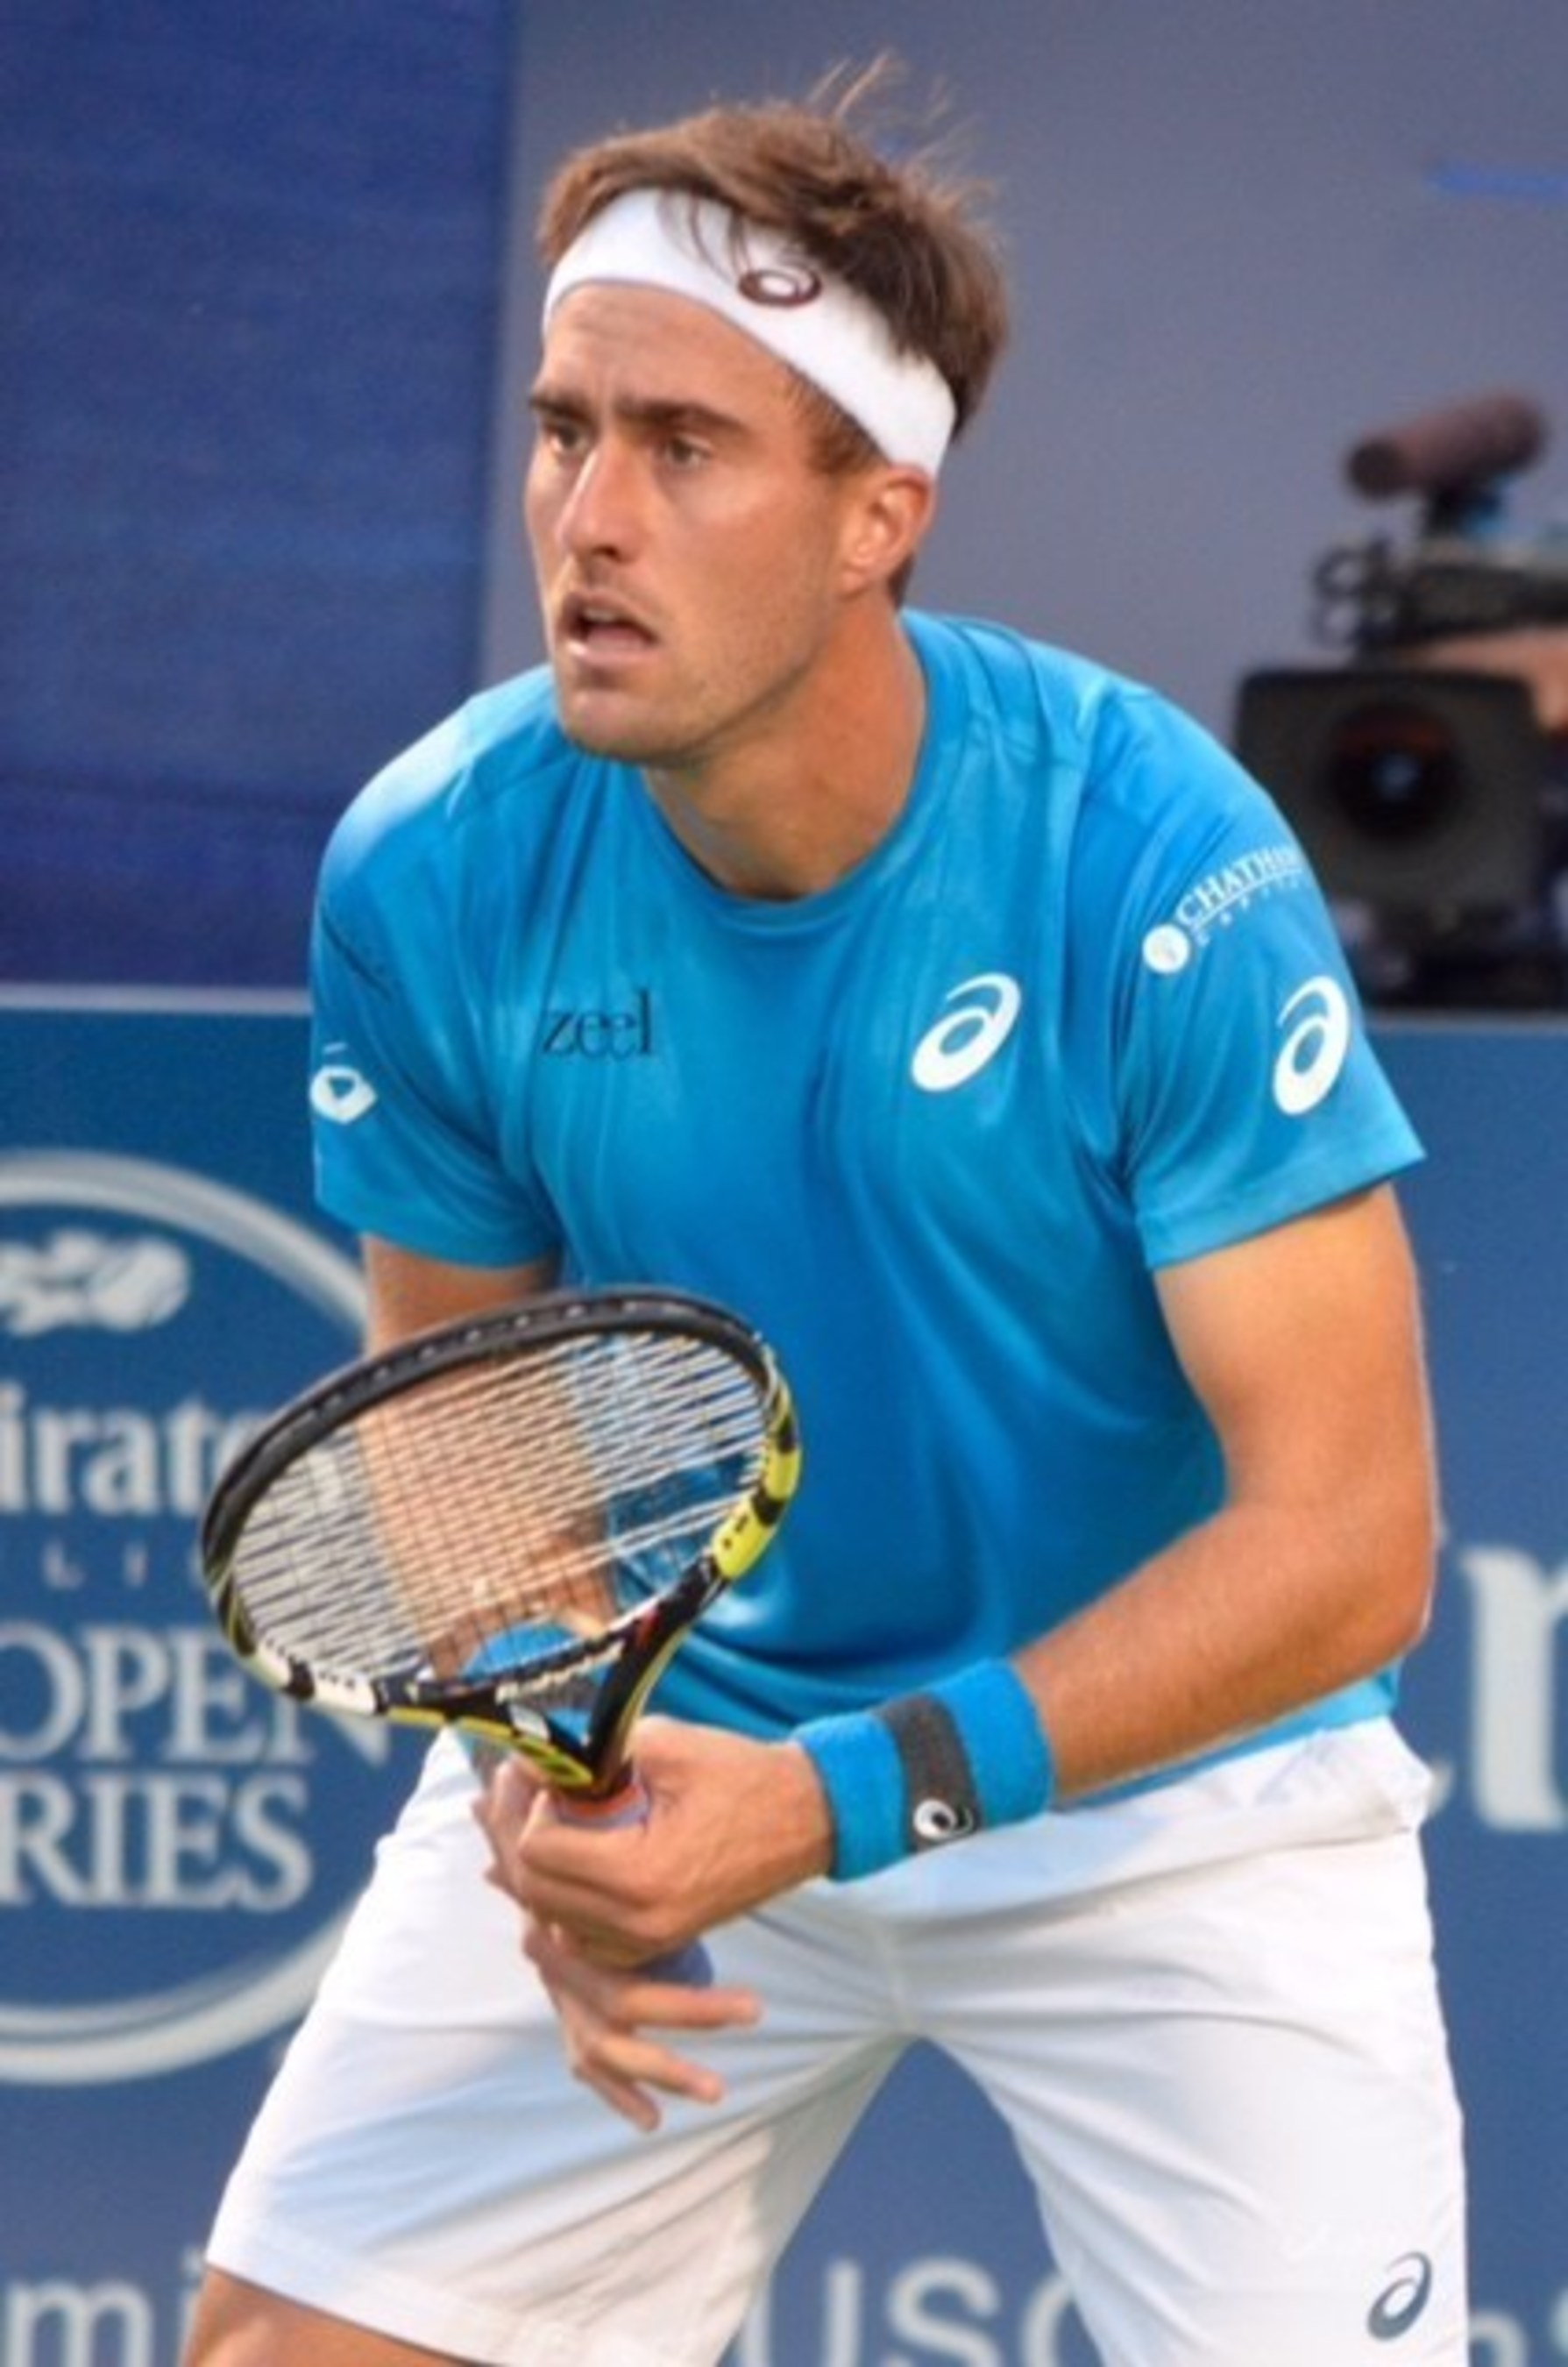 Zeel Sponsors Pro Tennis Athlete Steve Johnson At US Open